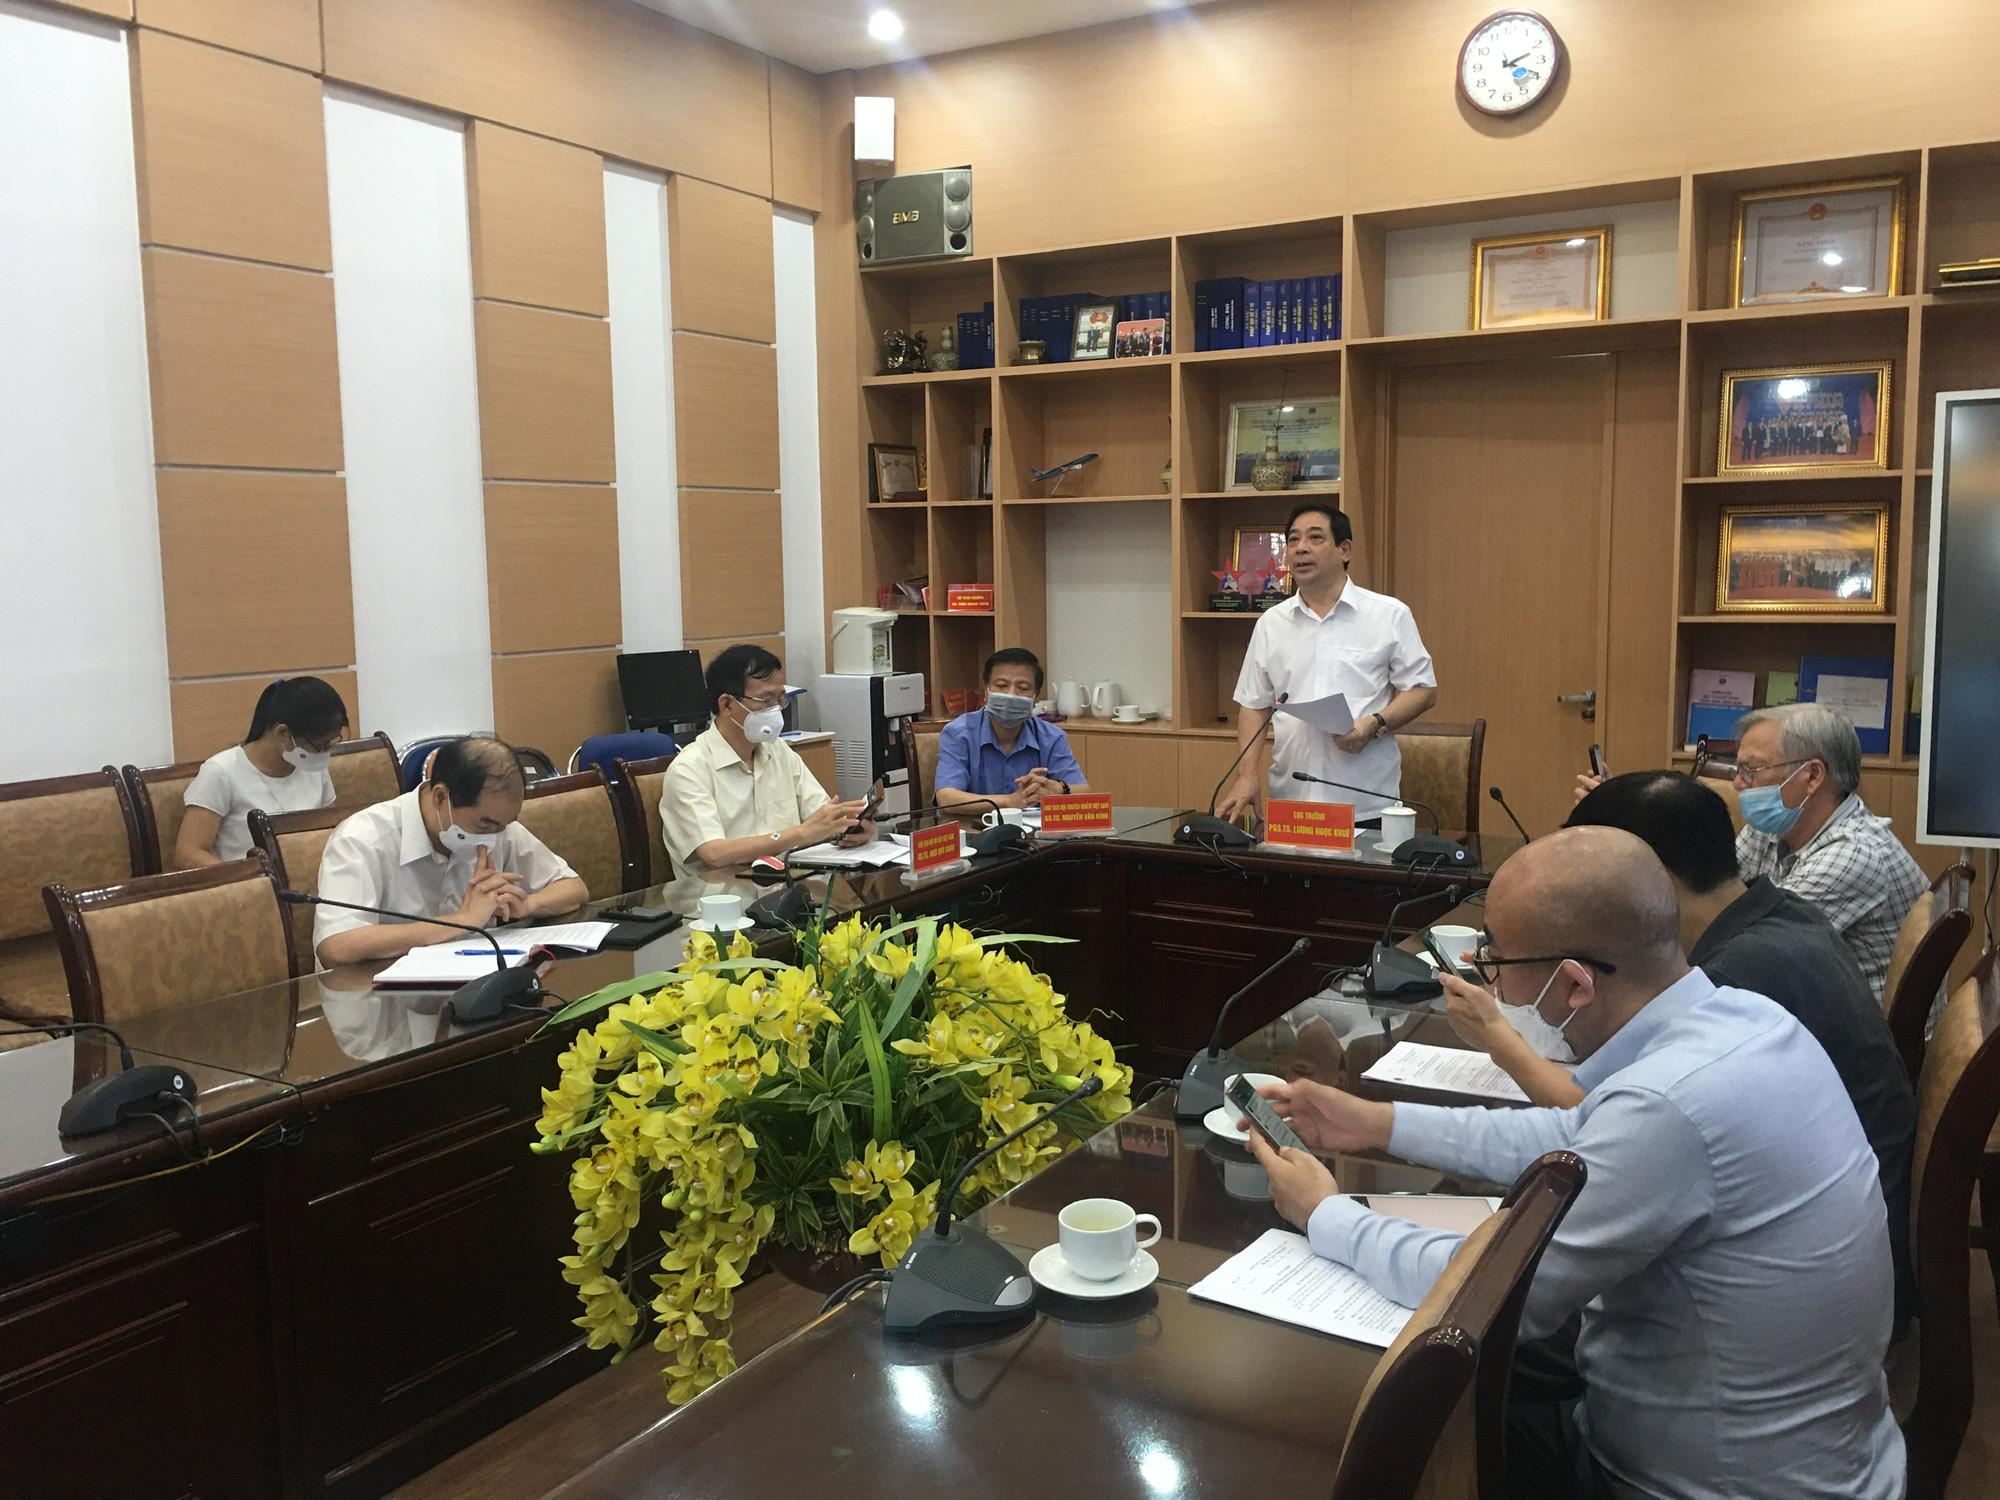 Y tế Diễn biến dịch ngày 21/7: 3556 ca mắc mới tại TP. Hồ Chí Minh trong 24 giờ  - Ảnh 5.